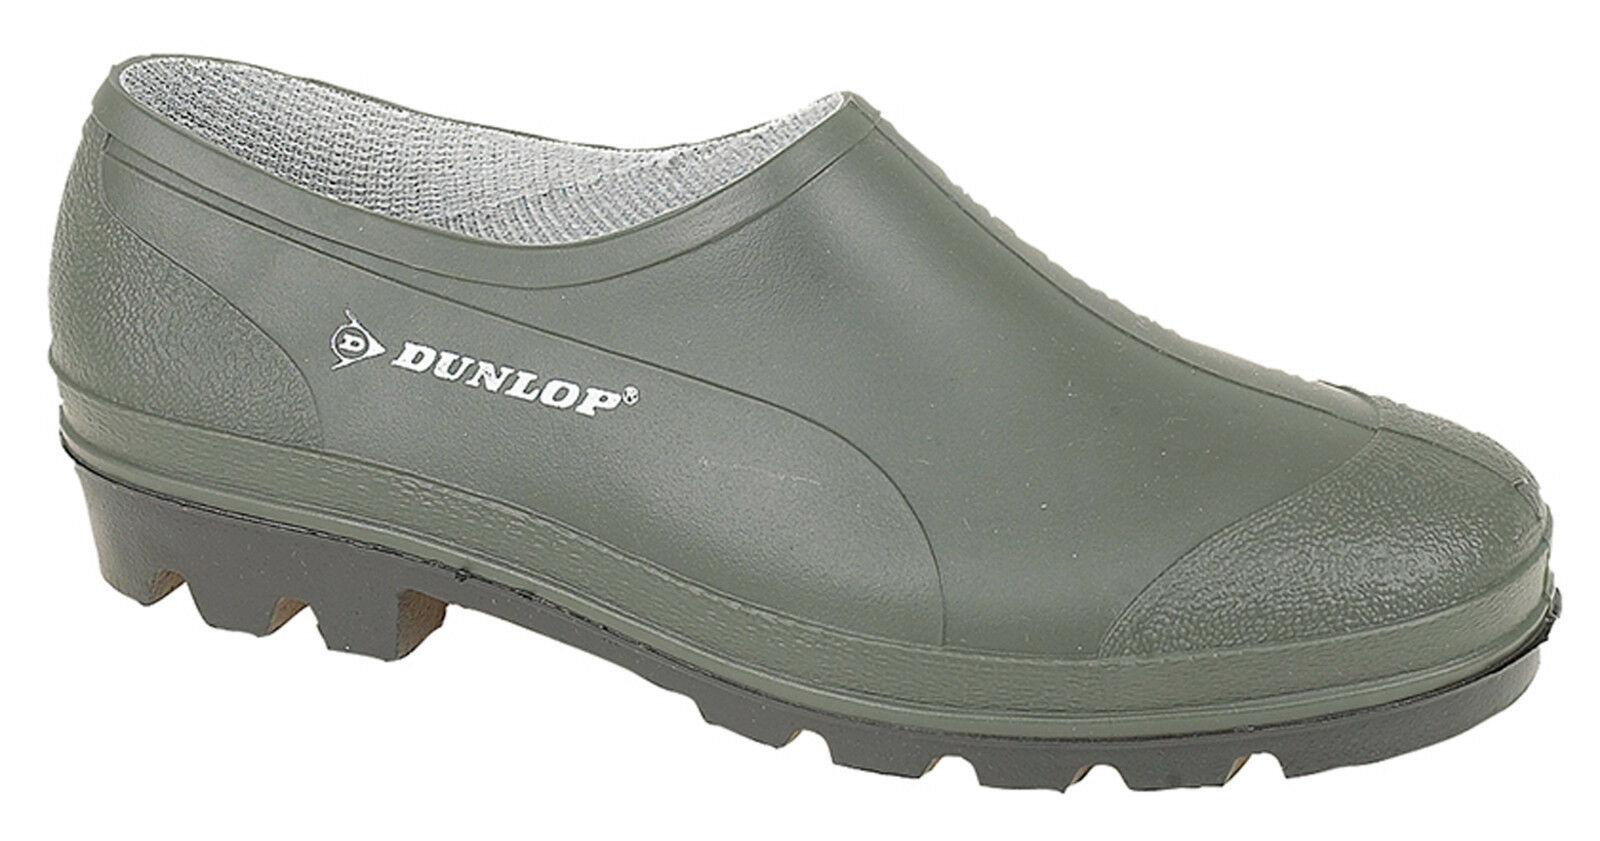 Détails Sur Dunlop Jardin Chaussures Unie Étanche Vert Jardinage Wellie  Sabots Tailles 3 avec Sabot De Jardin